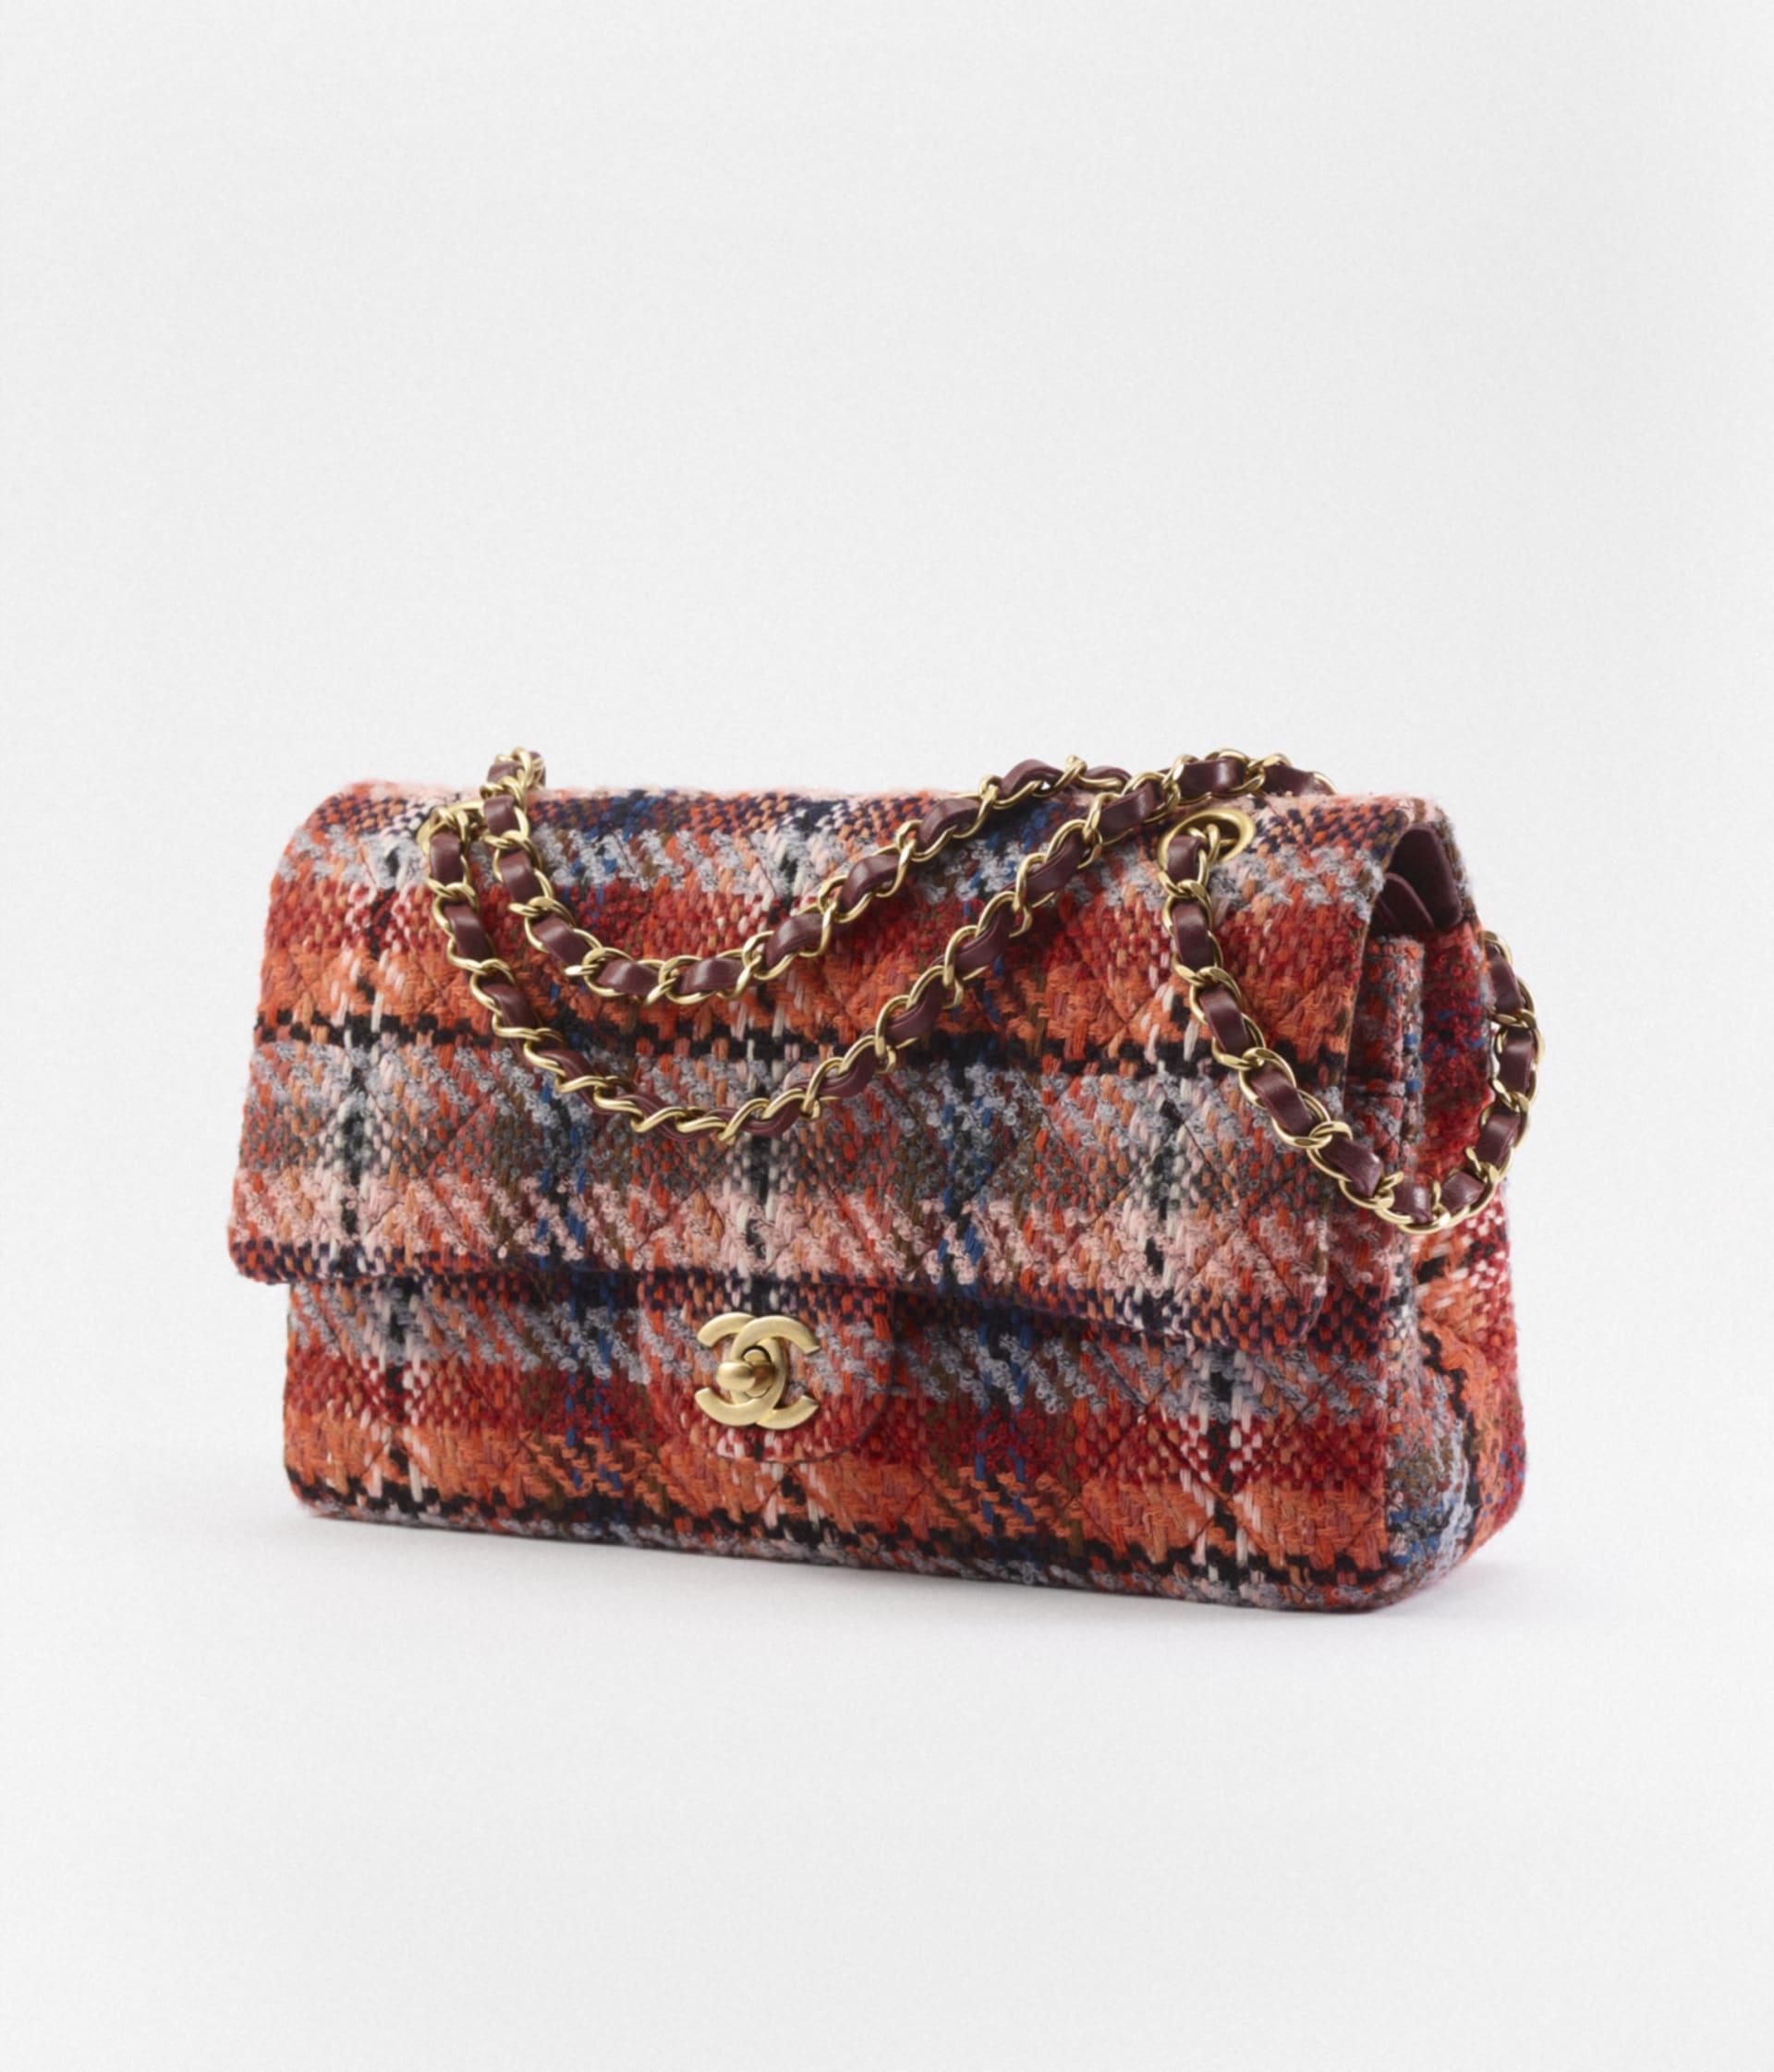 image 2 - Classic Handbag - Tweed & Gold-Tone Metal - Multicolor